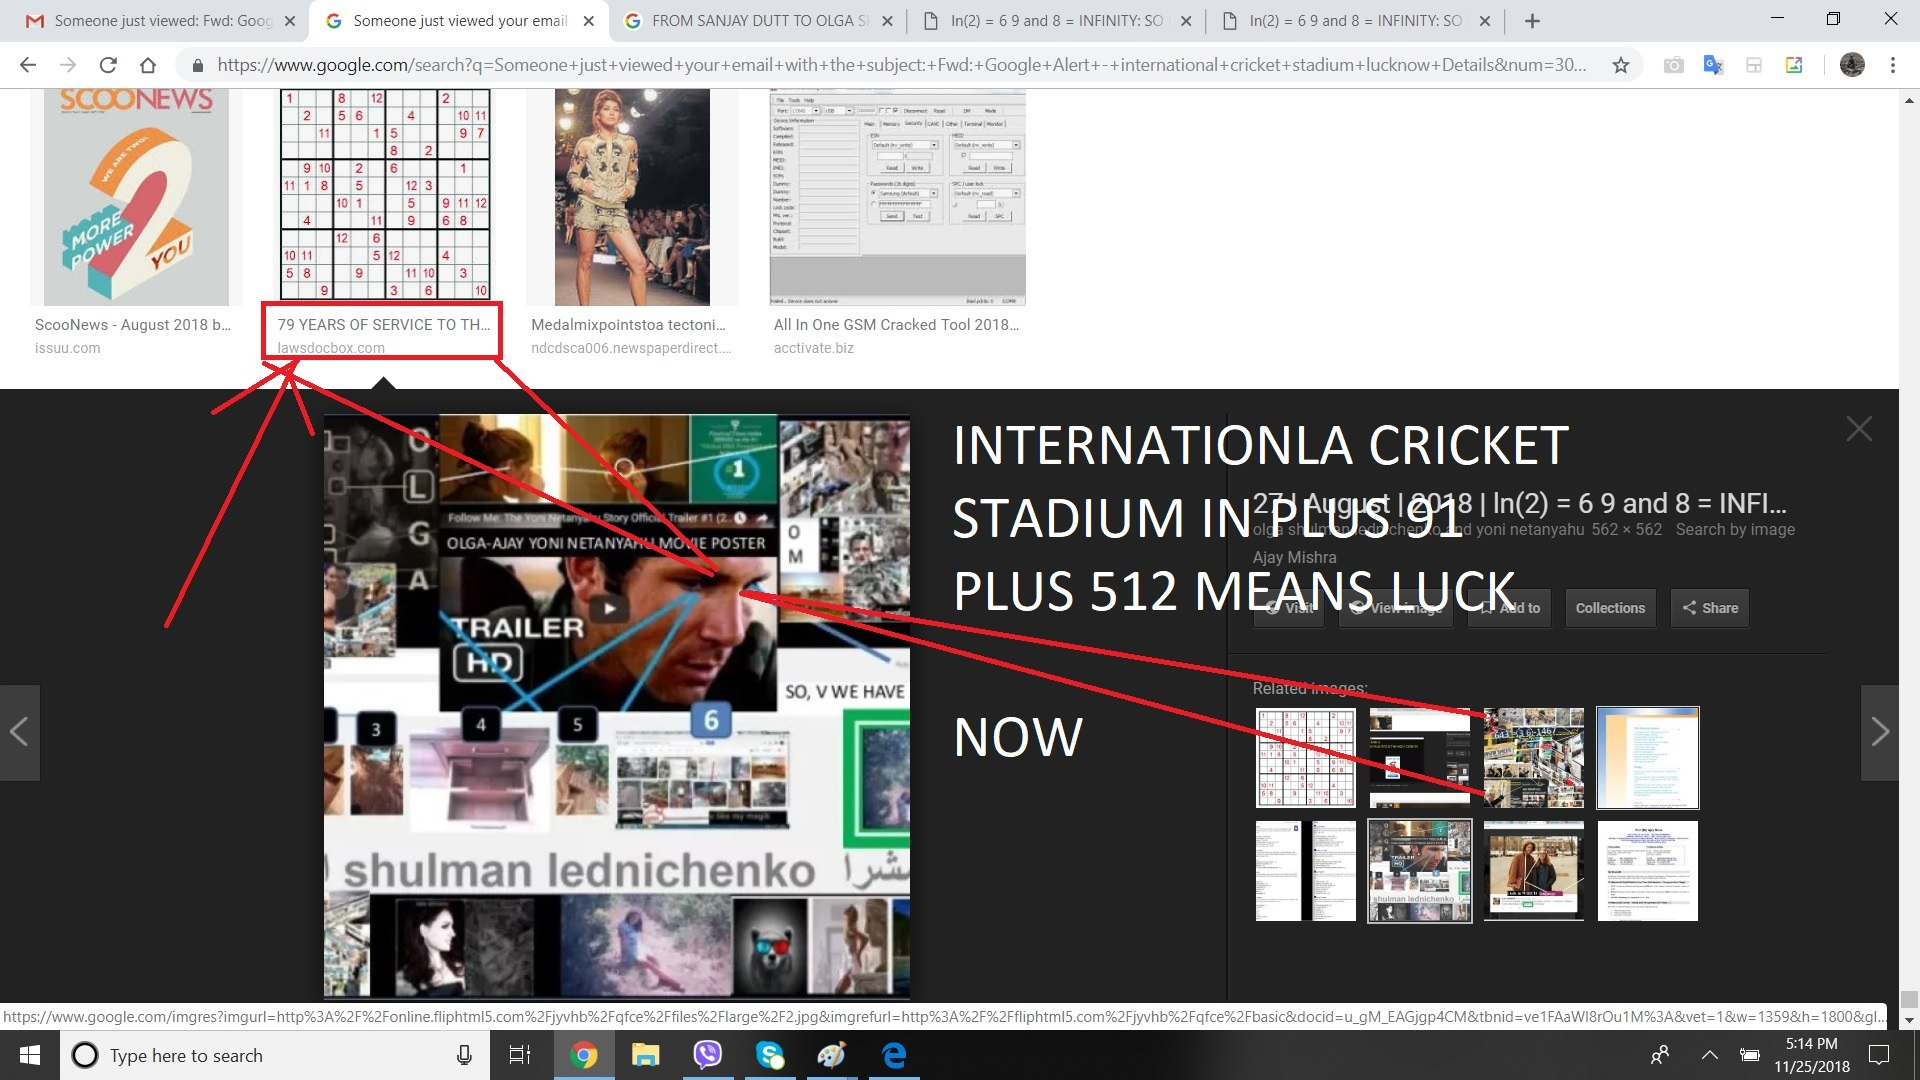 INTERNATIONLA CRICKET STADIUM IN PLUS 91 PLUS 512 MEANS LUCKNOW